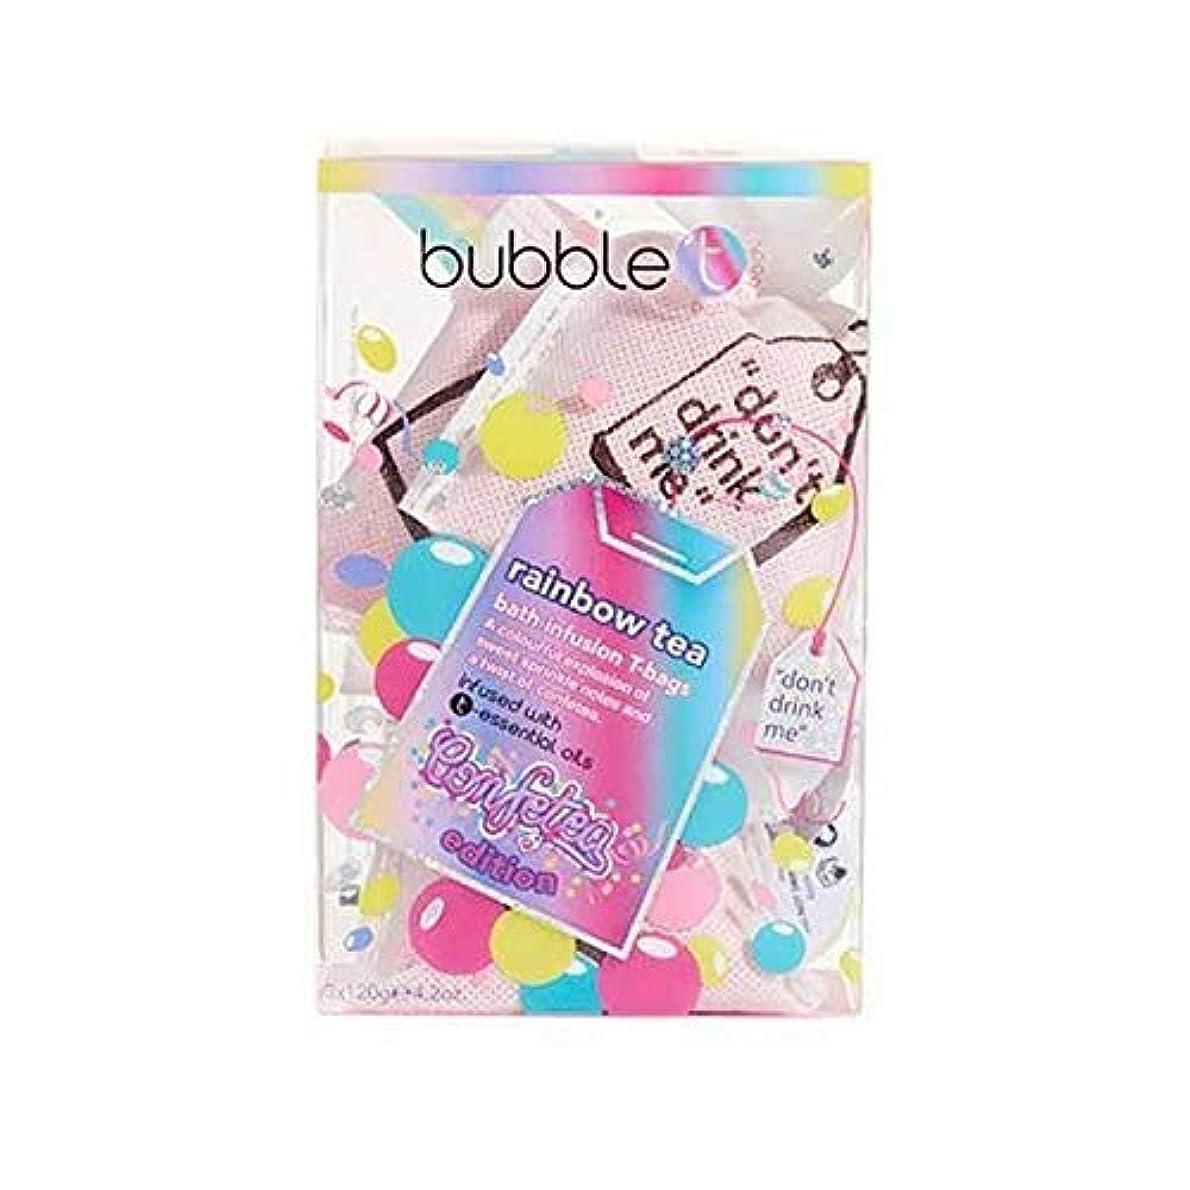 頭蓋骨野生研究所[Bubble T ] バブルトンの化粧品 - 入浴輸液ティーバッグ虹のお茶 - Bubble T Cosmetics - Bath infusion tea bags Rainbow tea [並行輸入品]